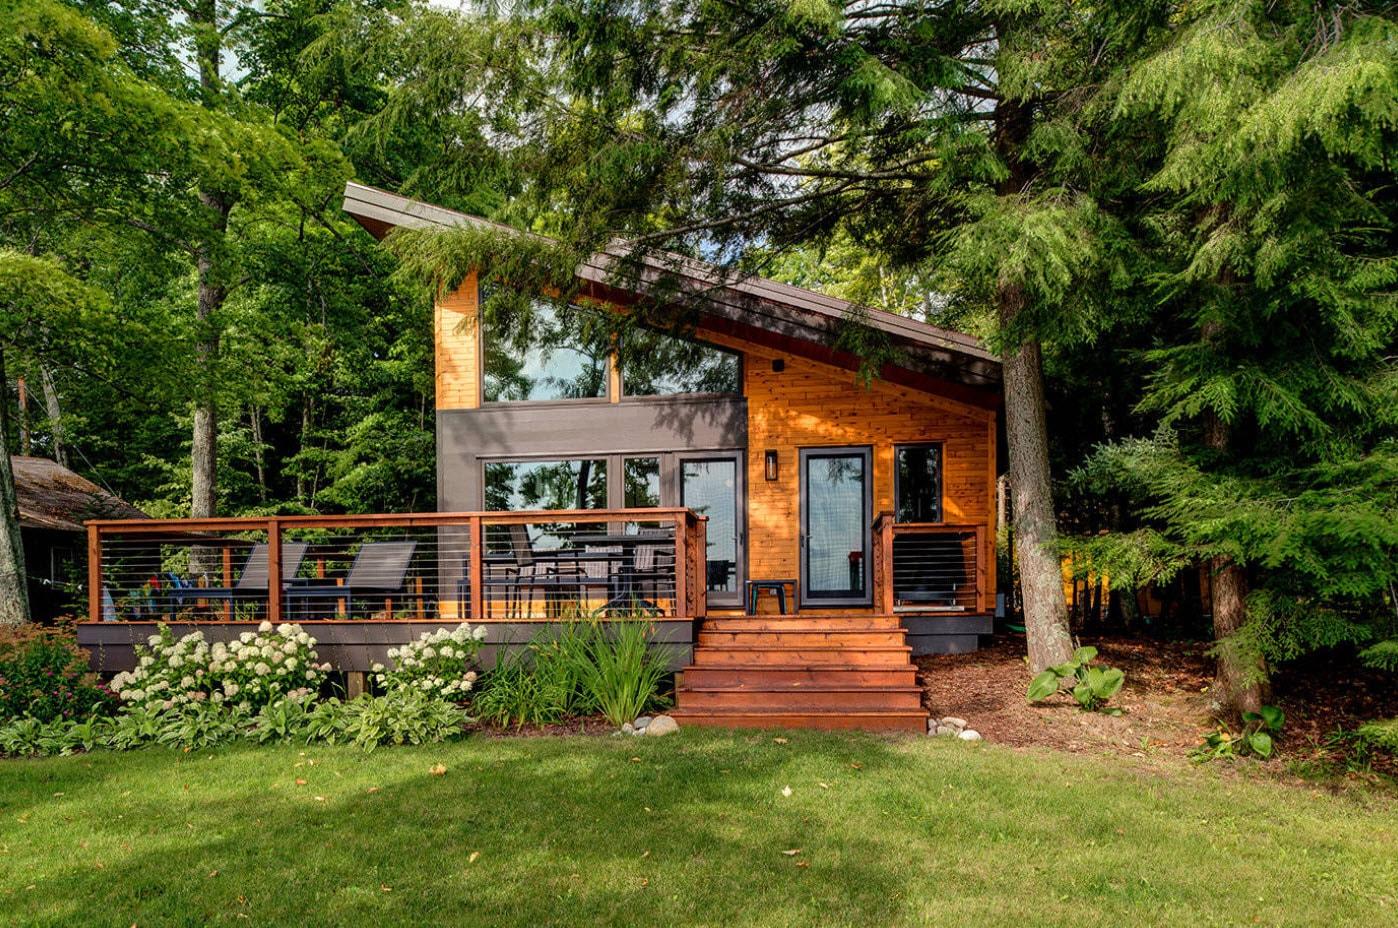 маленький домик в лесу с односкатной крышей